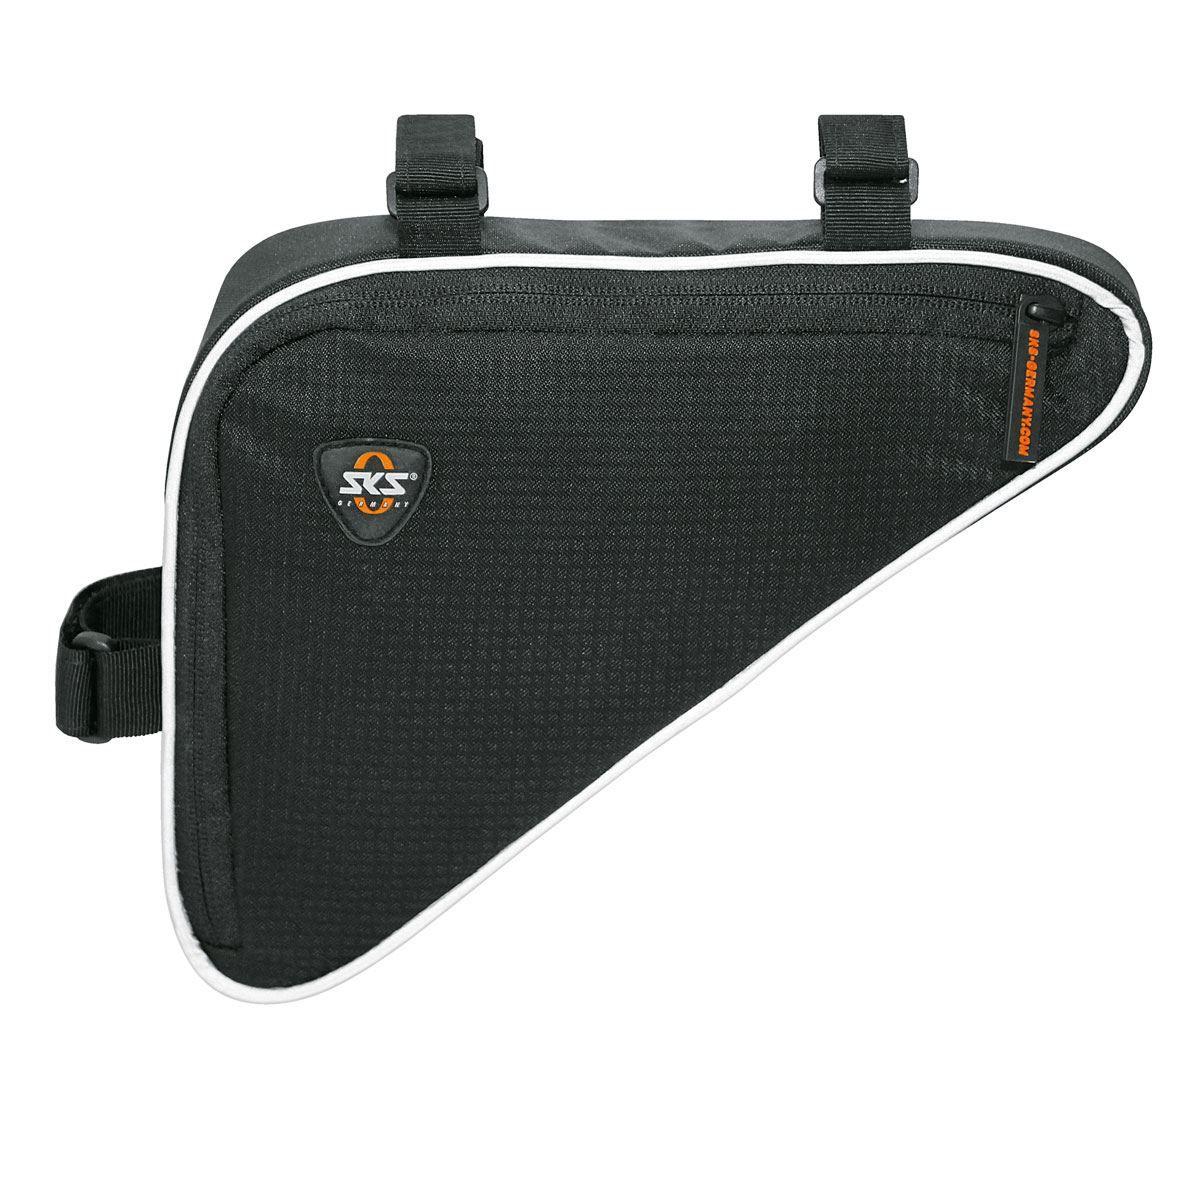 Sks Triangle Bag: